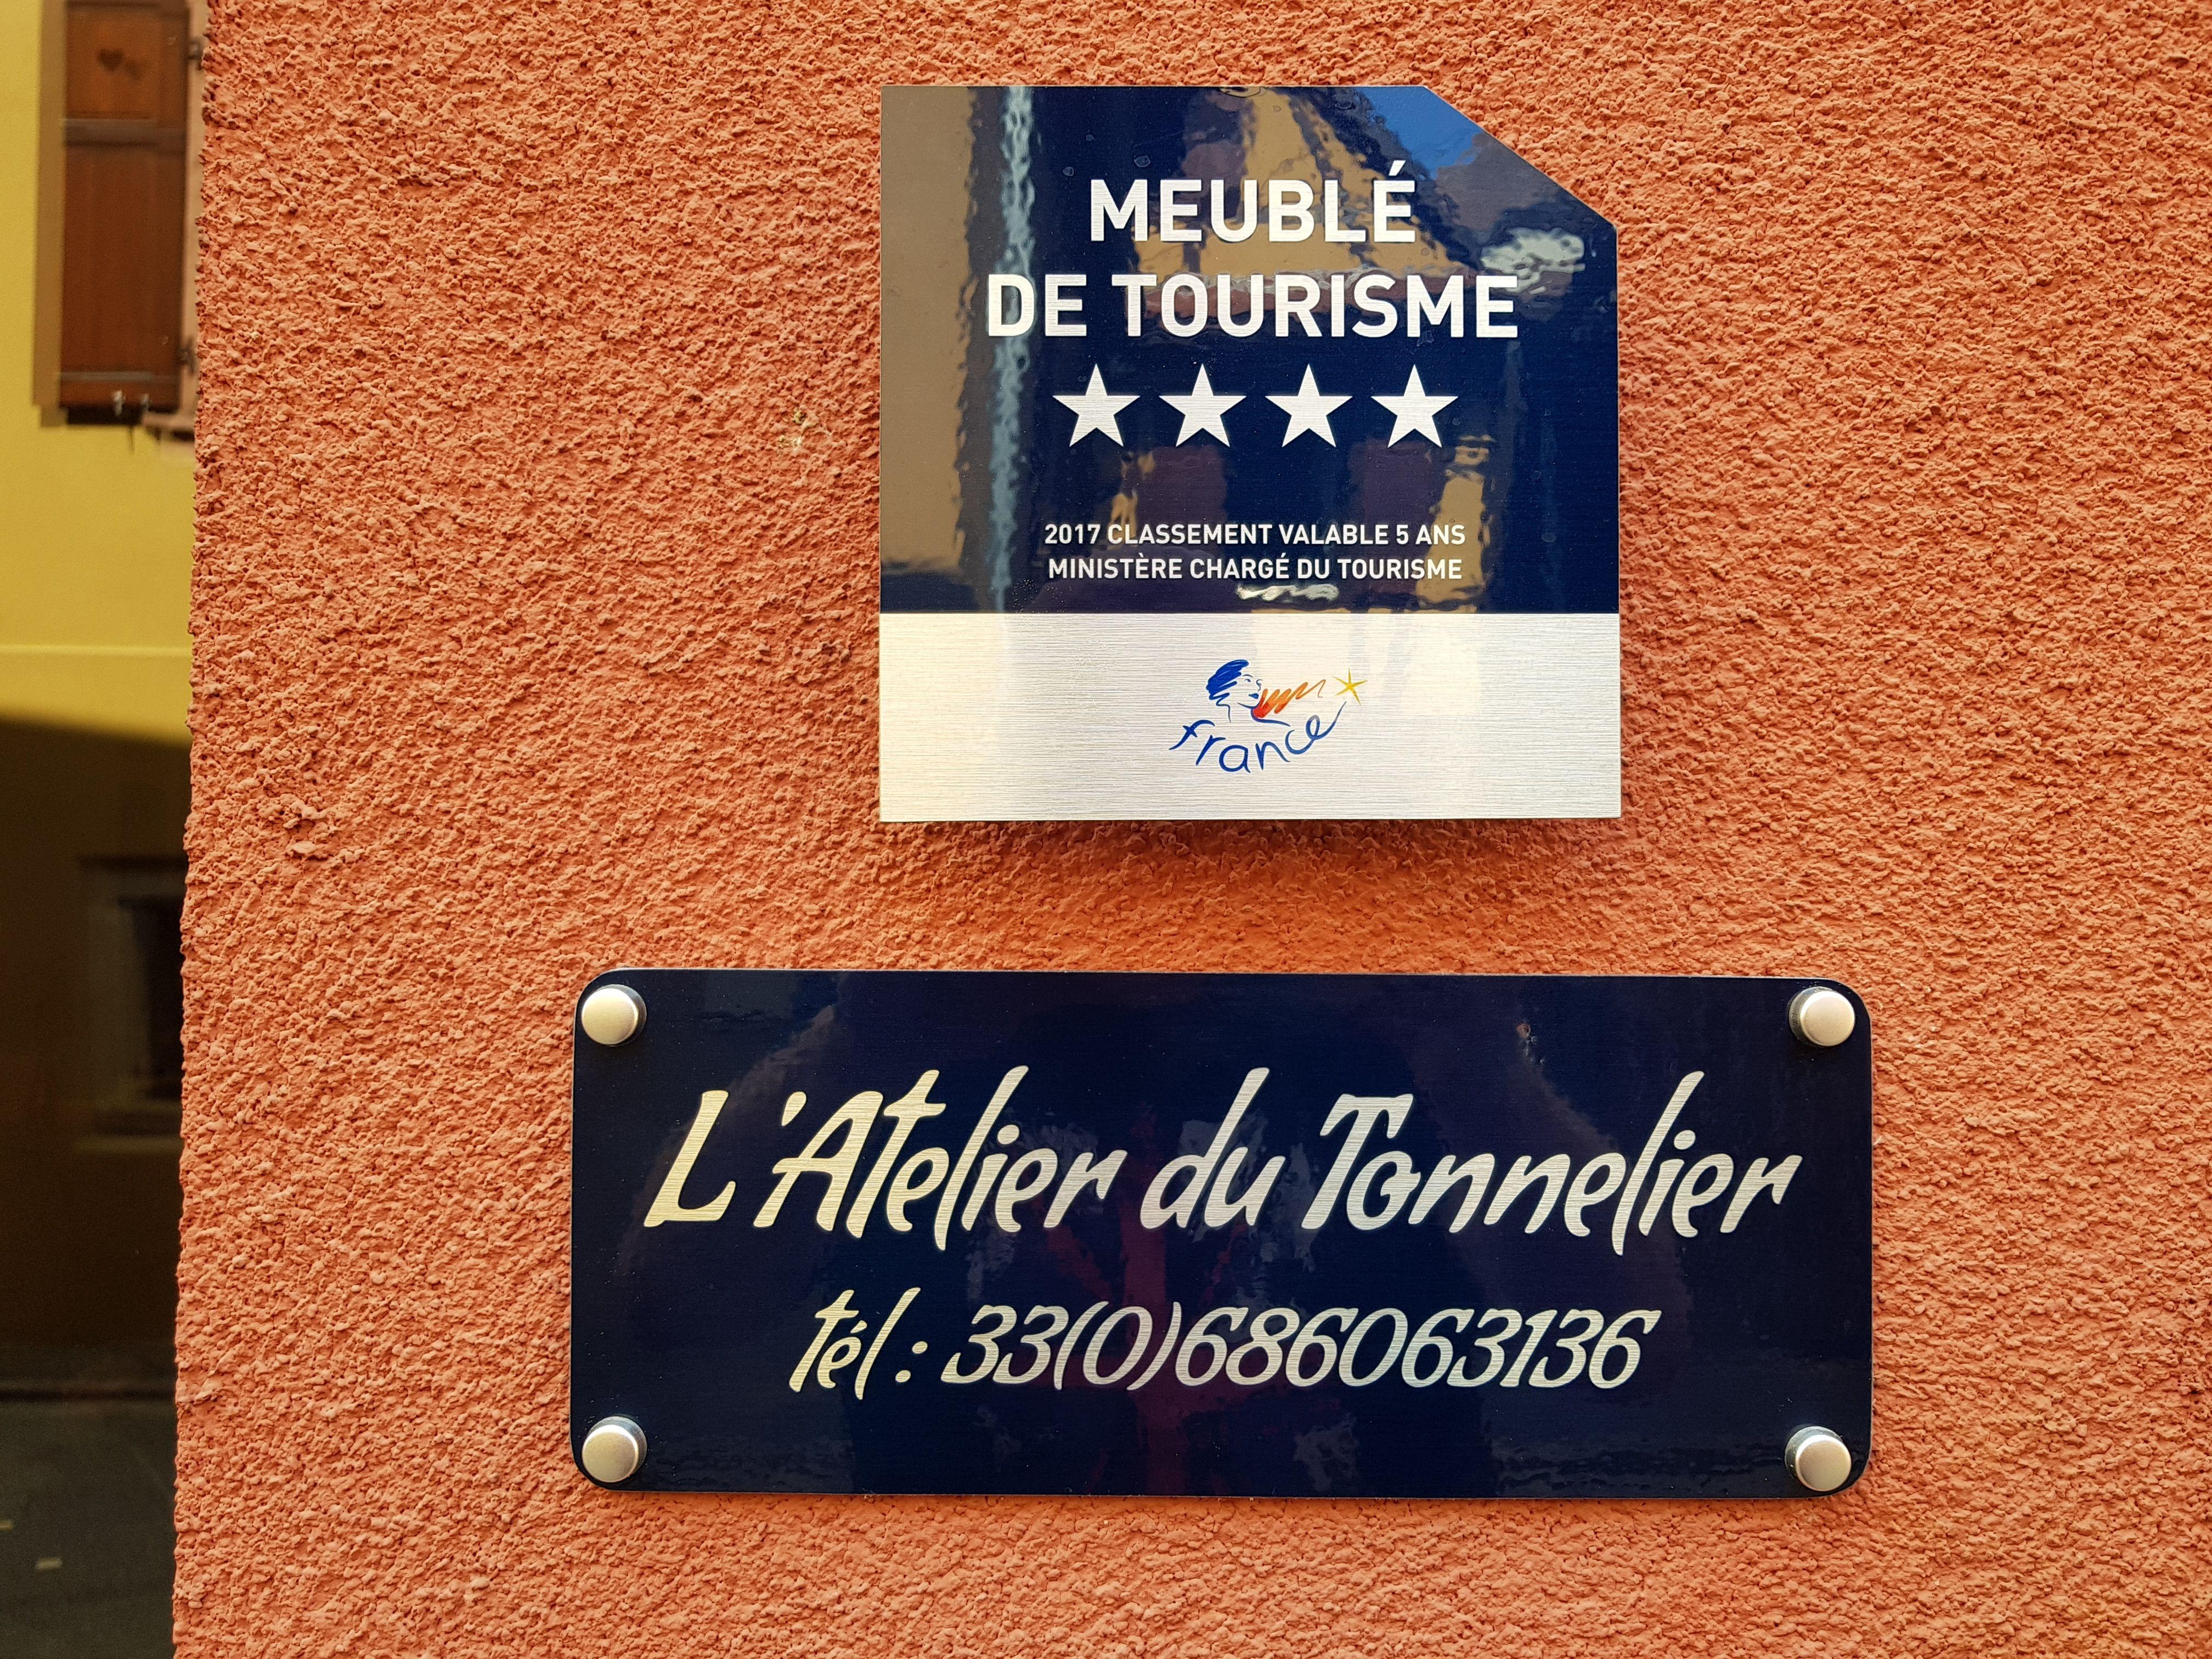 Panonceau De Classement Meuble De Tourisme Et Plaque De Maison En Aluminium Dibond En Fonction De Votre Famille D Hebergement Choisissez Votr Tourisme Meuble